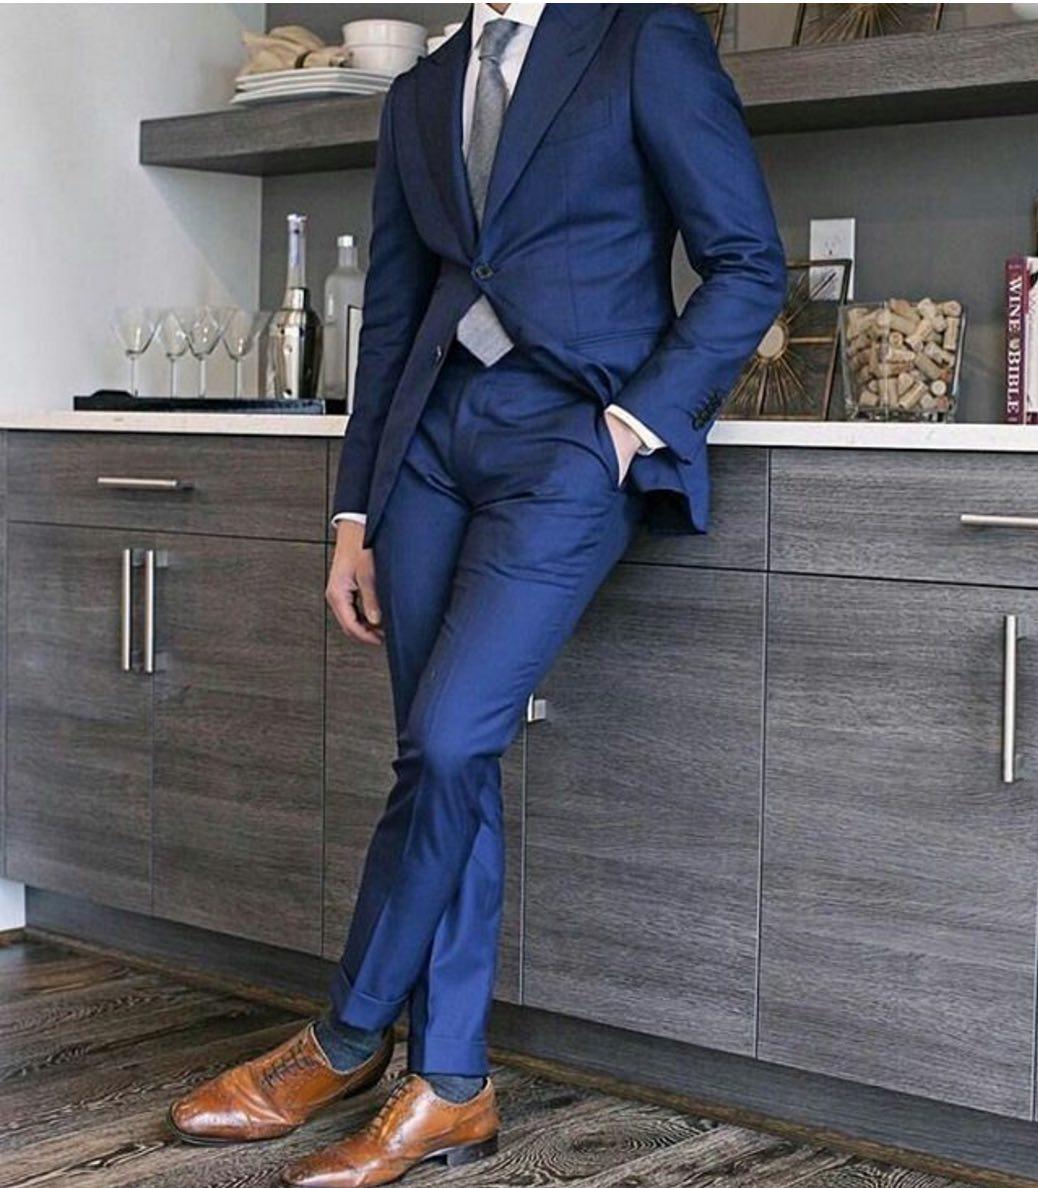 ۳ مدل کت و شلواری که هر مردی باید داشته باشد